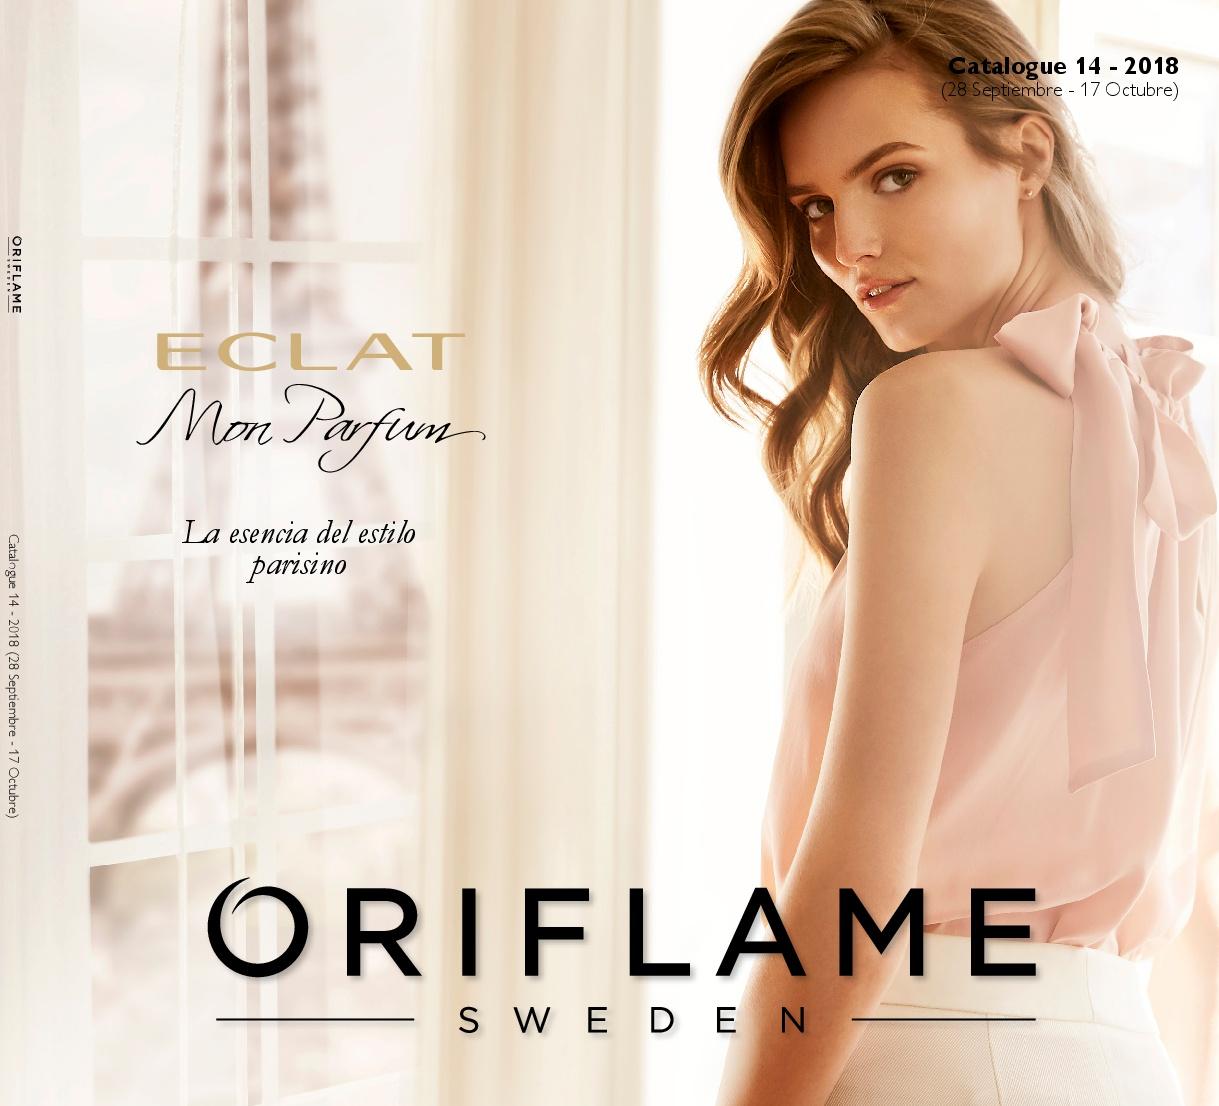 oriflame catalogo 14 001